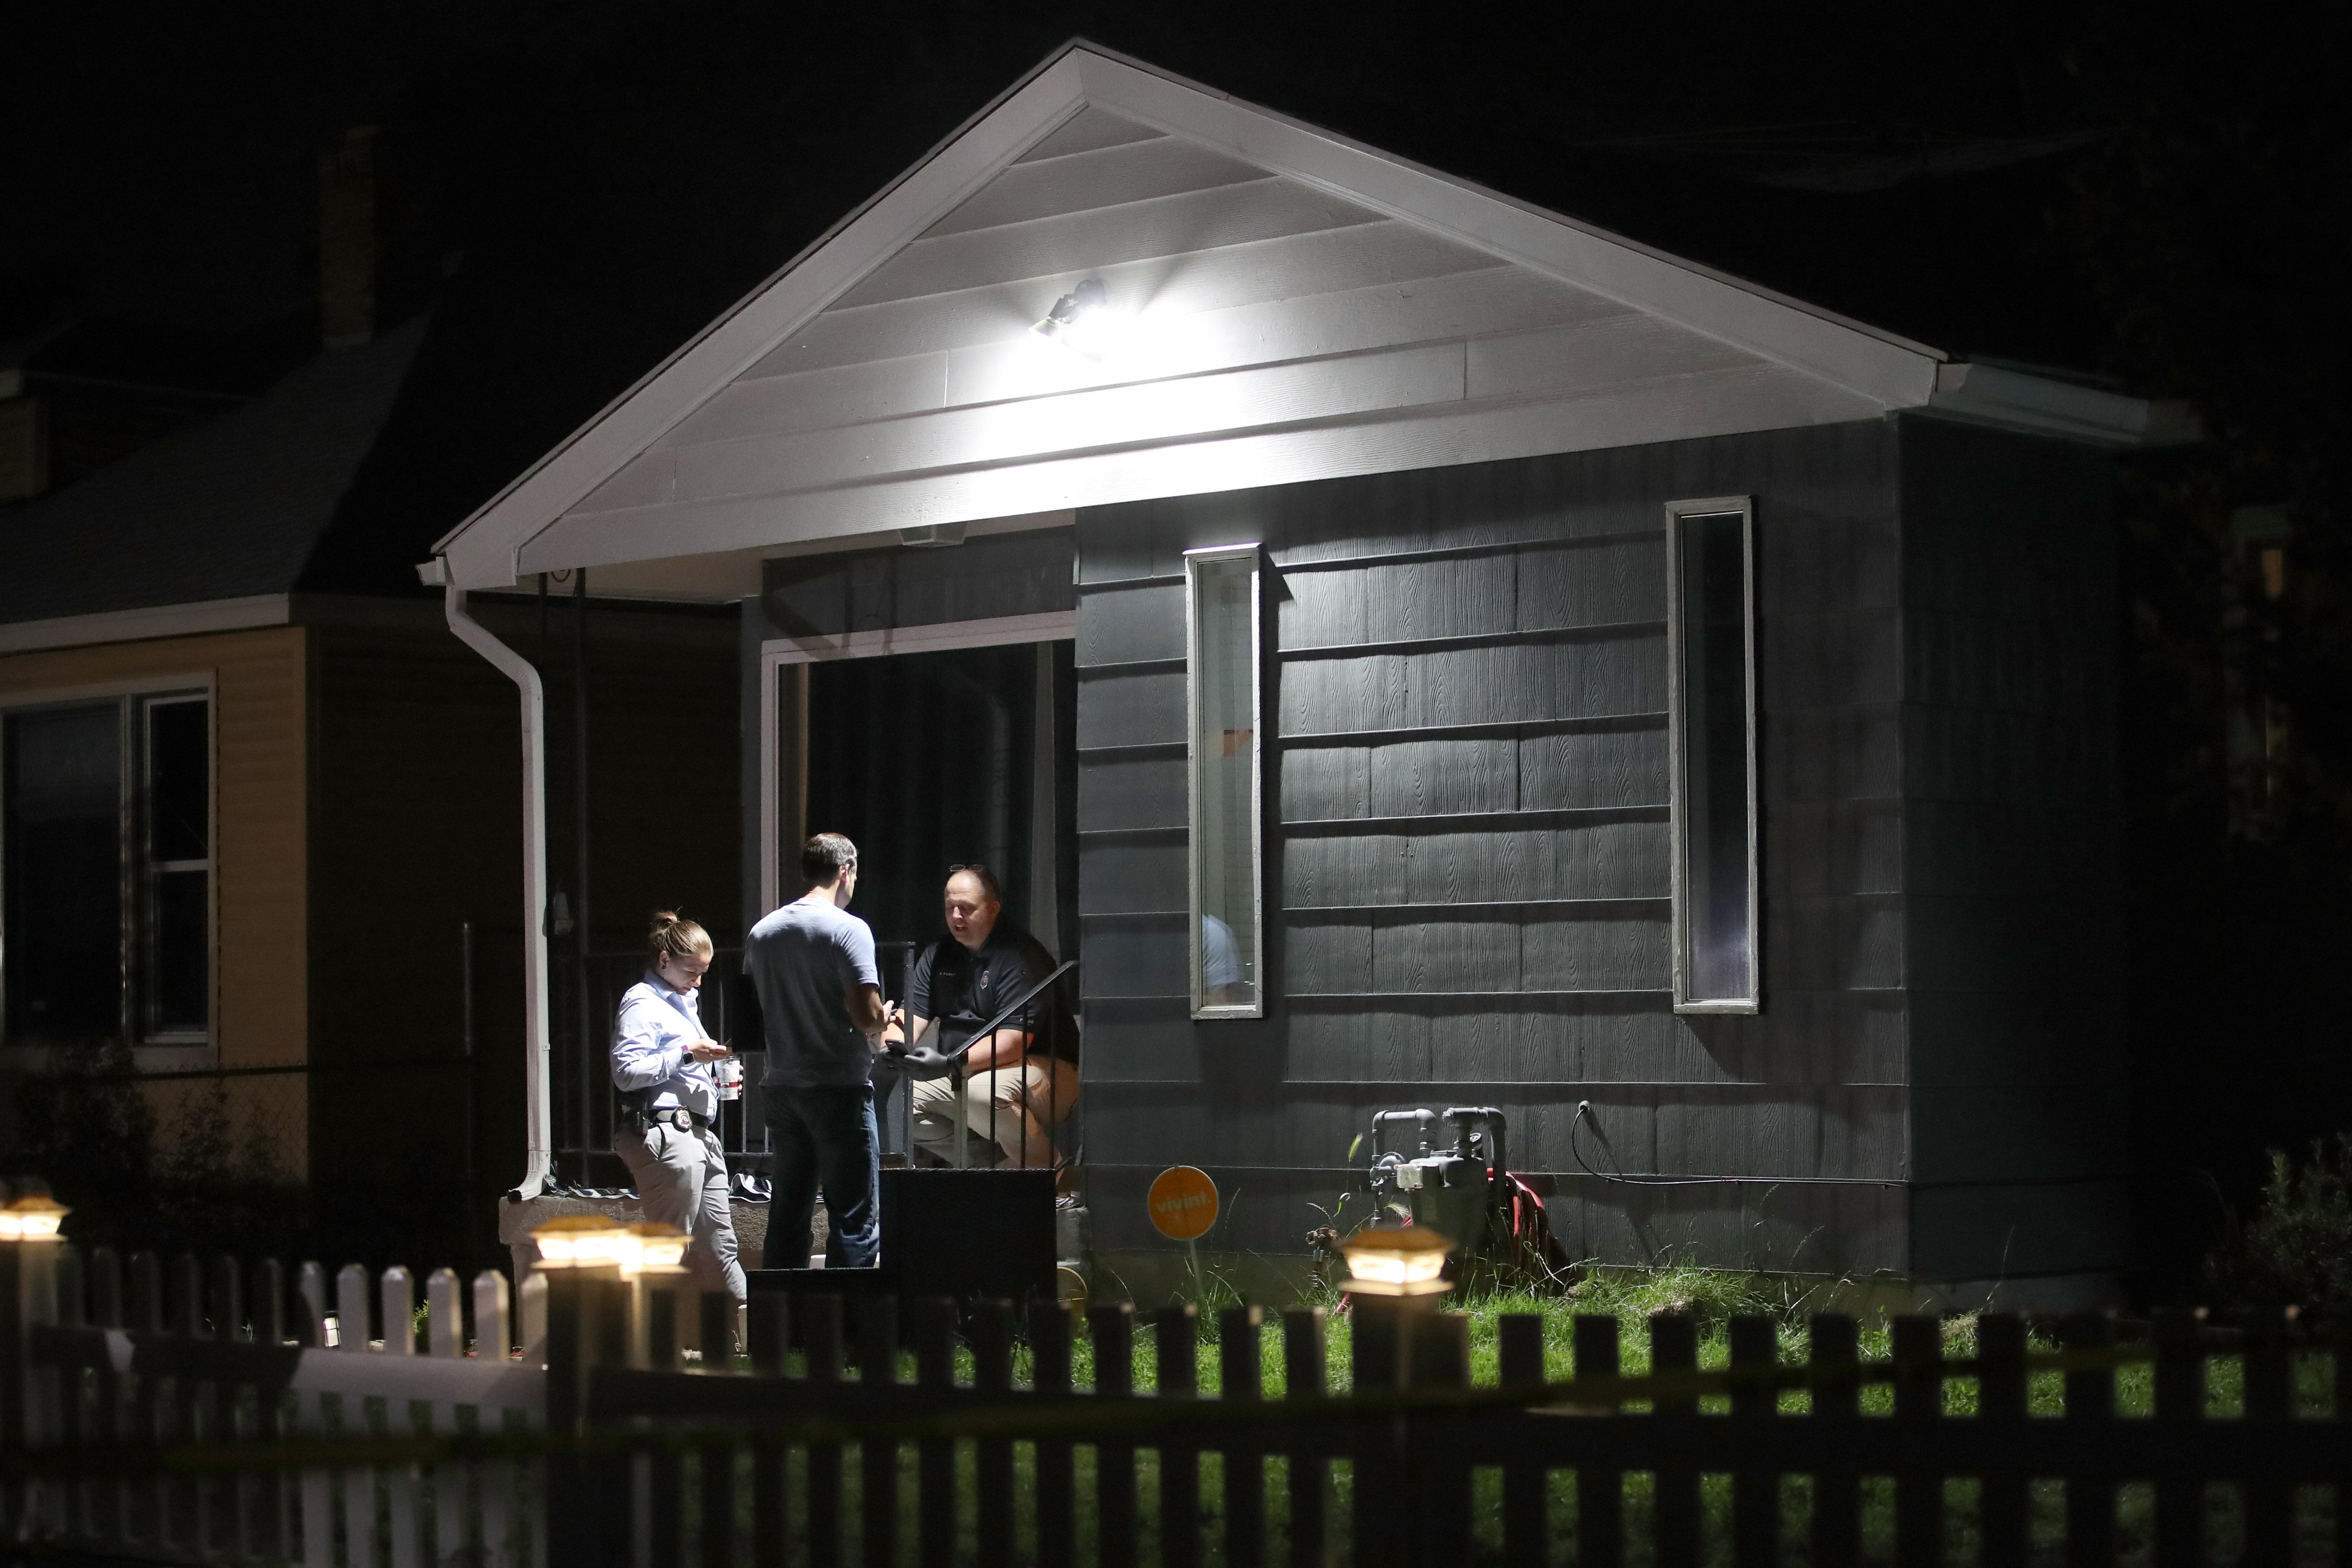 Hangszigetelt titokszobát rendelt a férfi, akit egy 23 éves diáklány meggyilkolásával gyanúsítanak